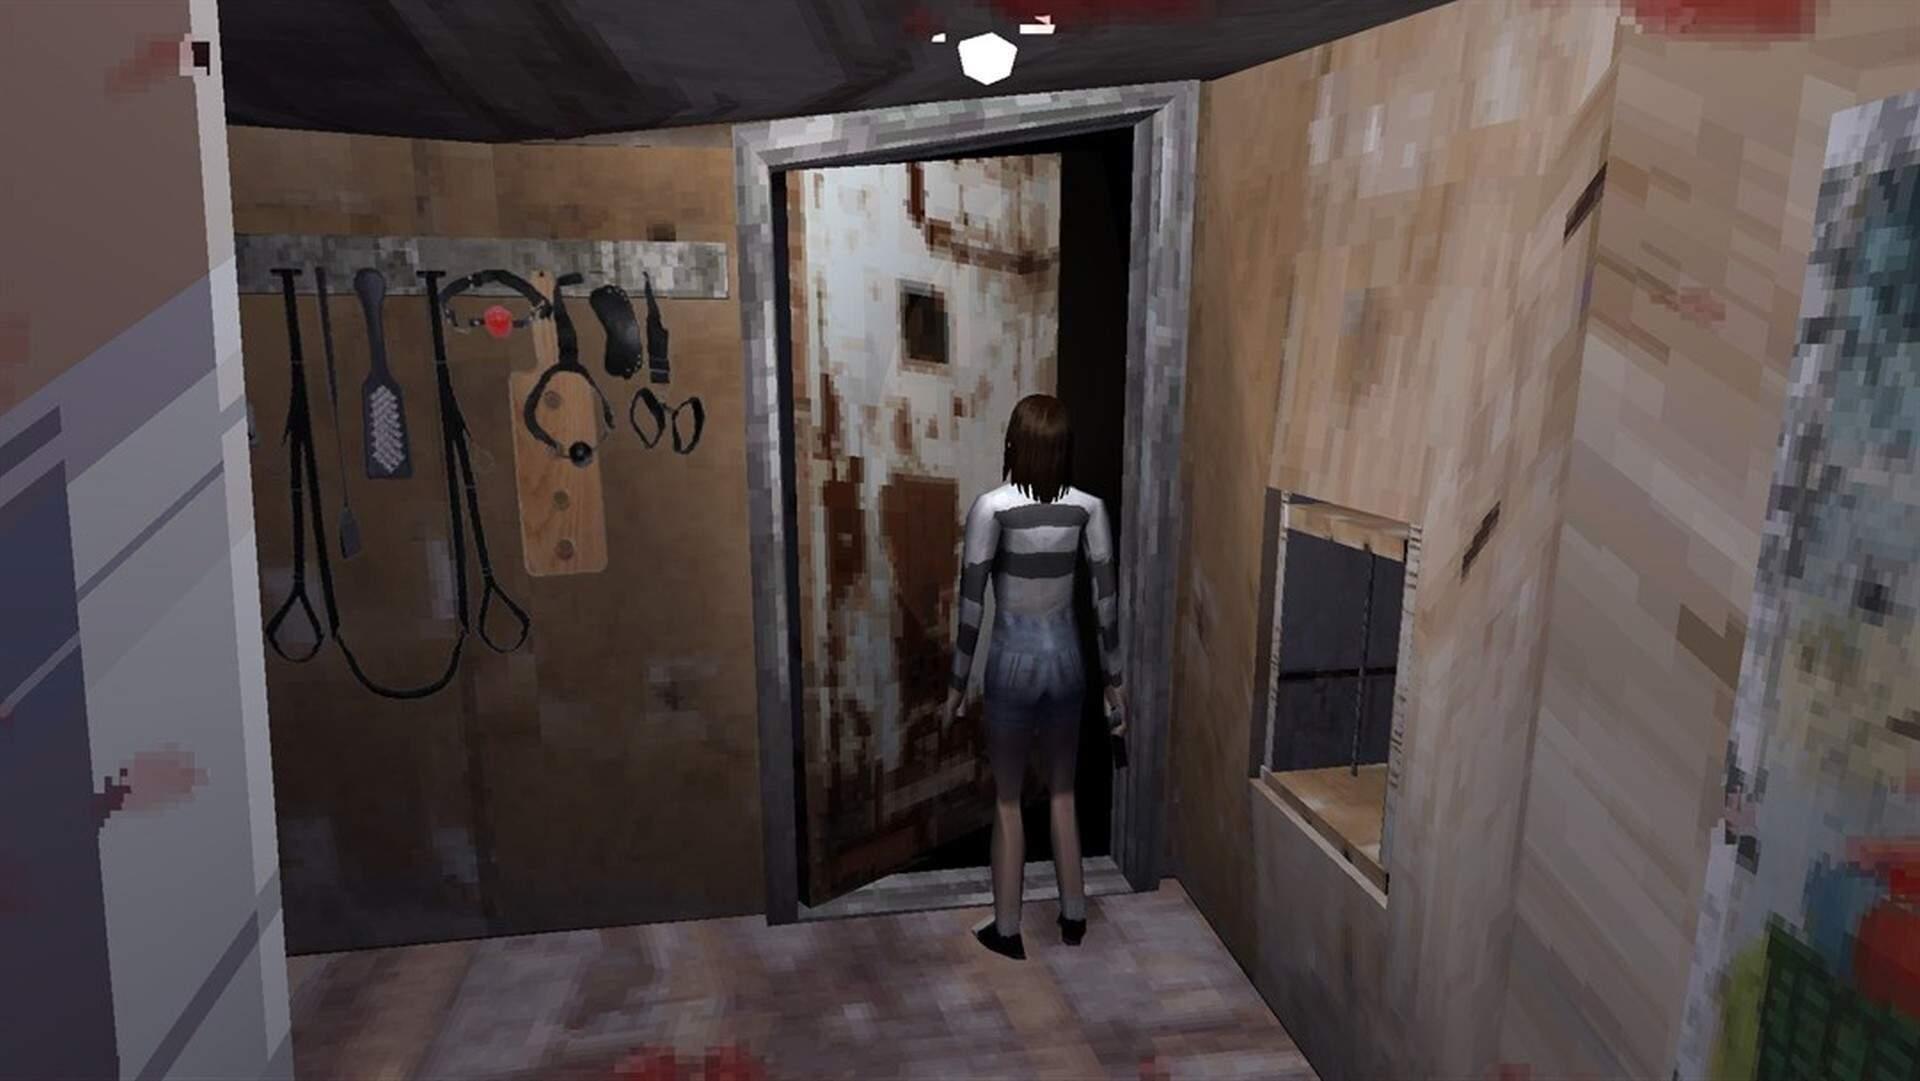 Murder House – October 14